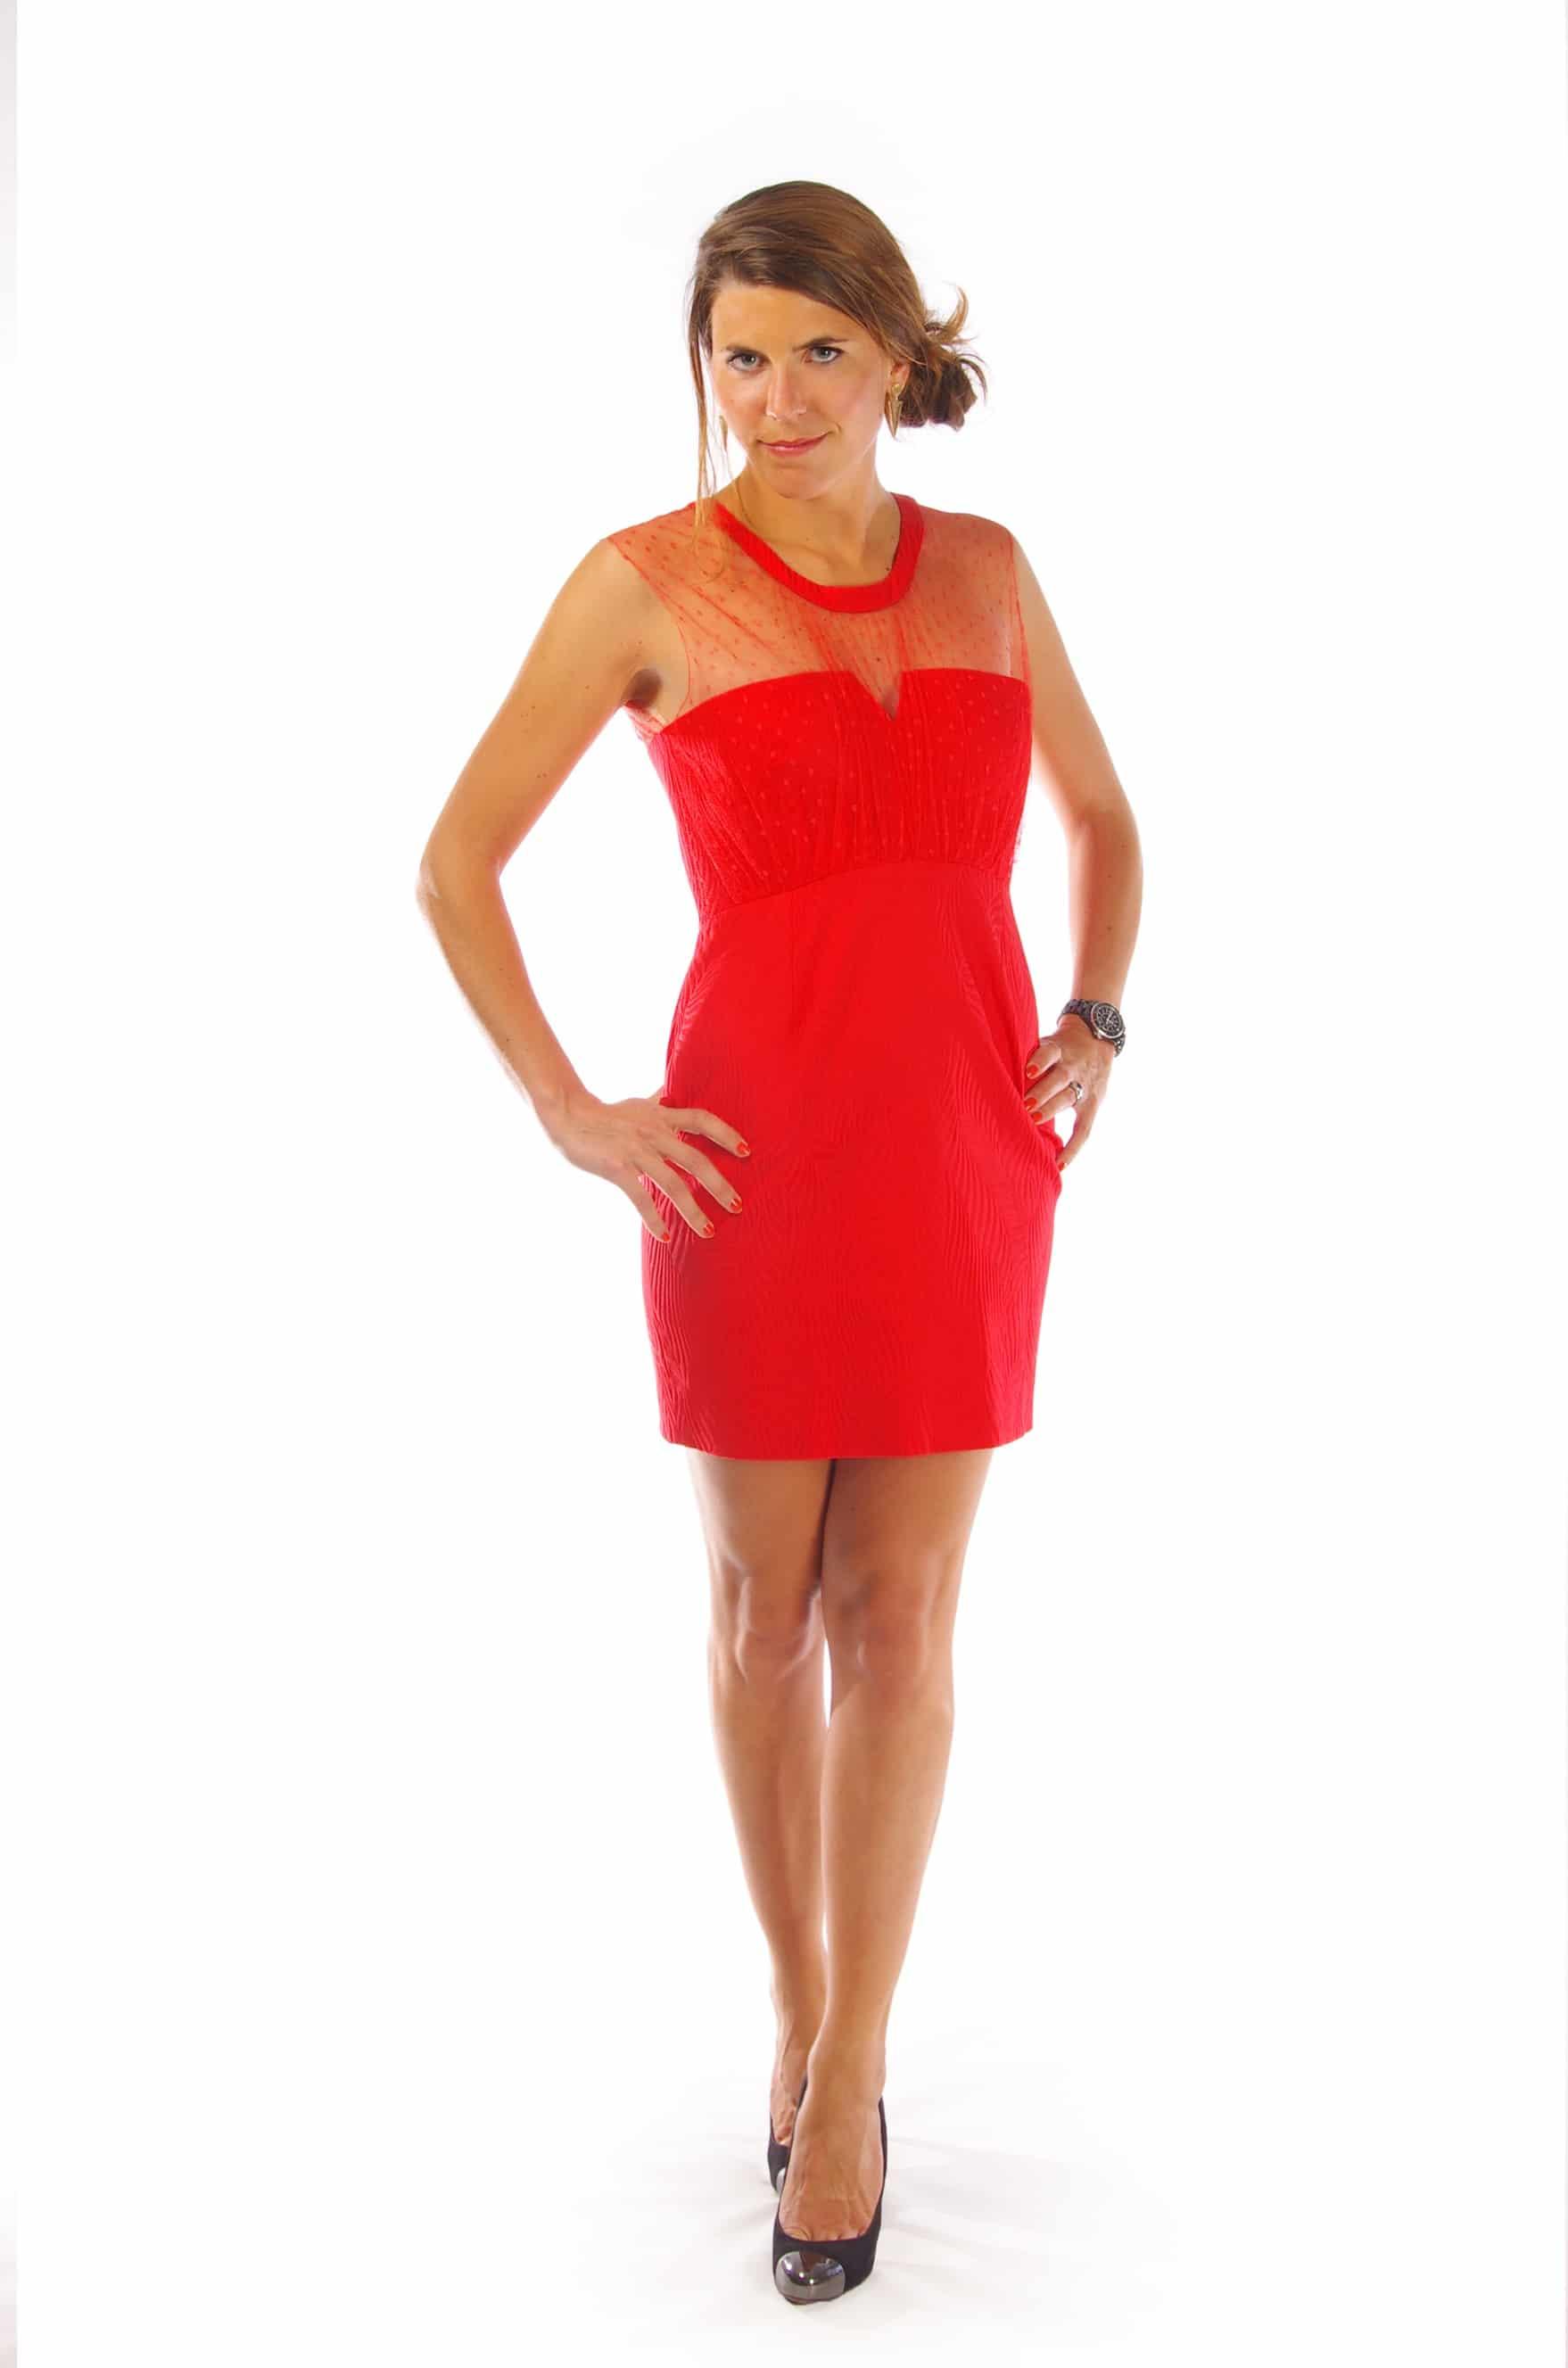 895ca5058ac7 Robe rouge   La robe qu il vous faut pour être élégante